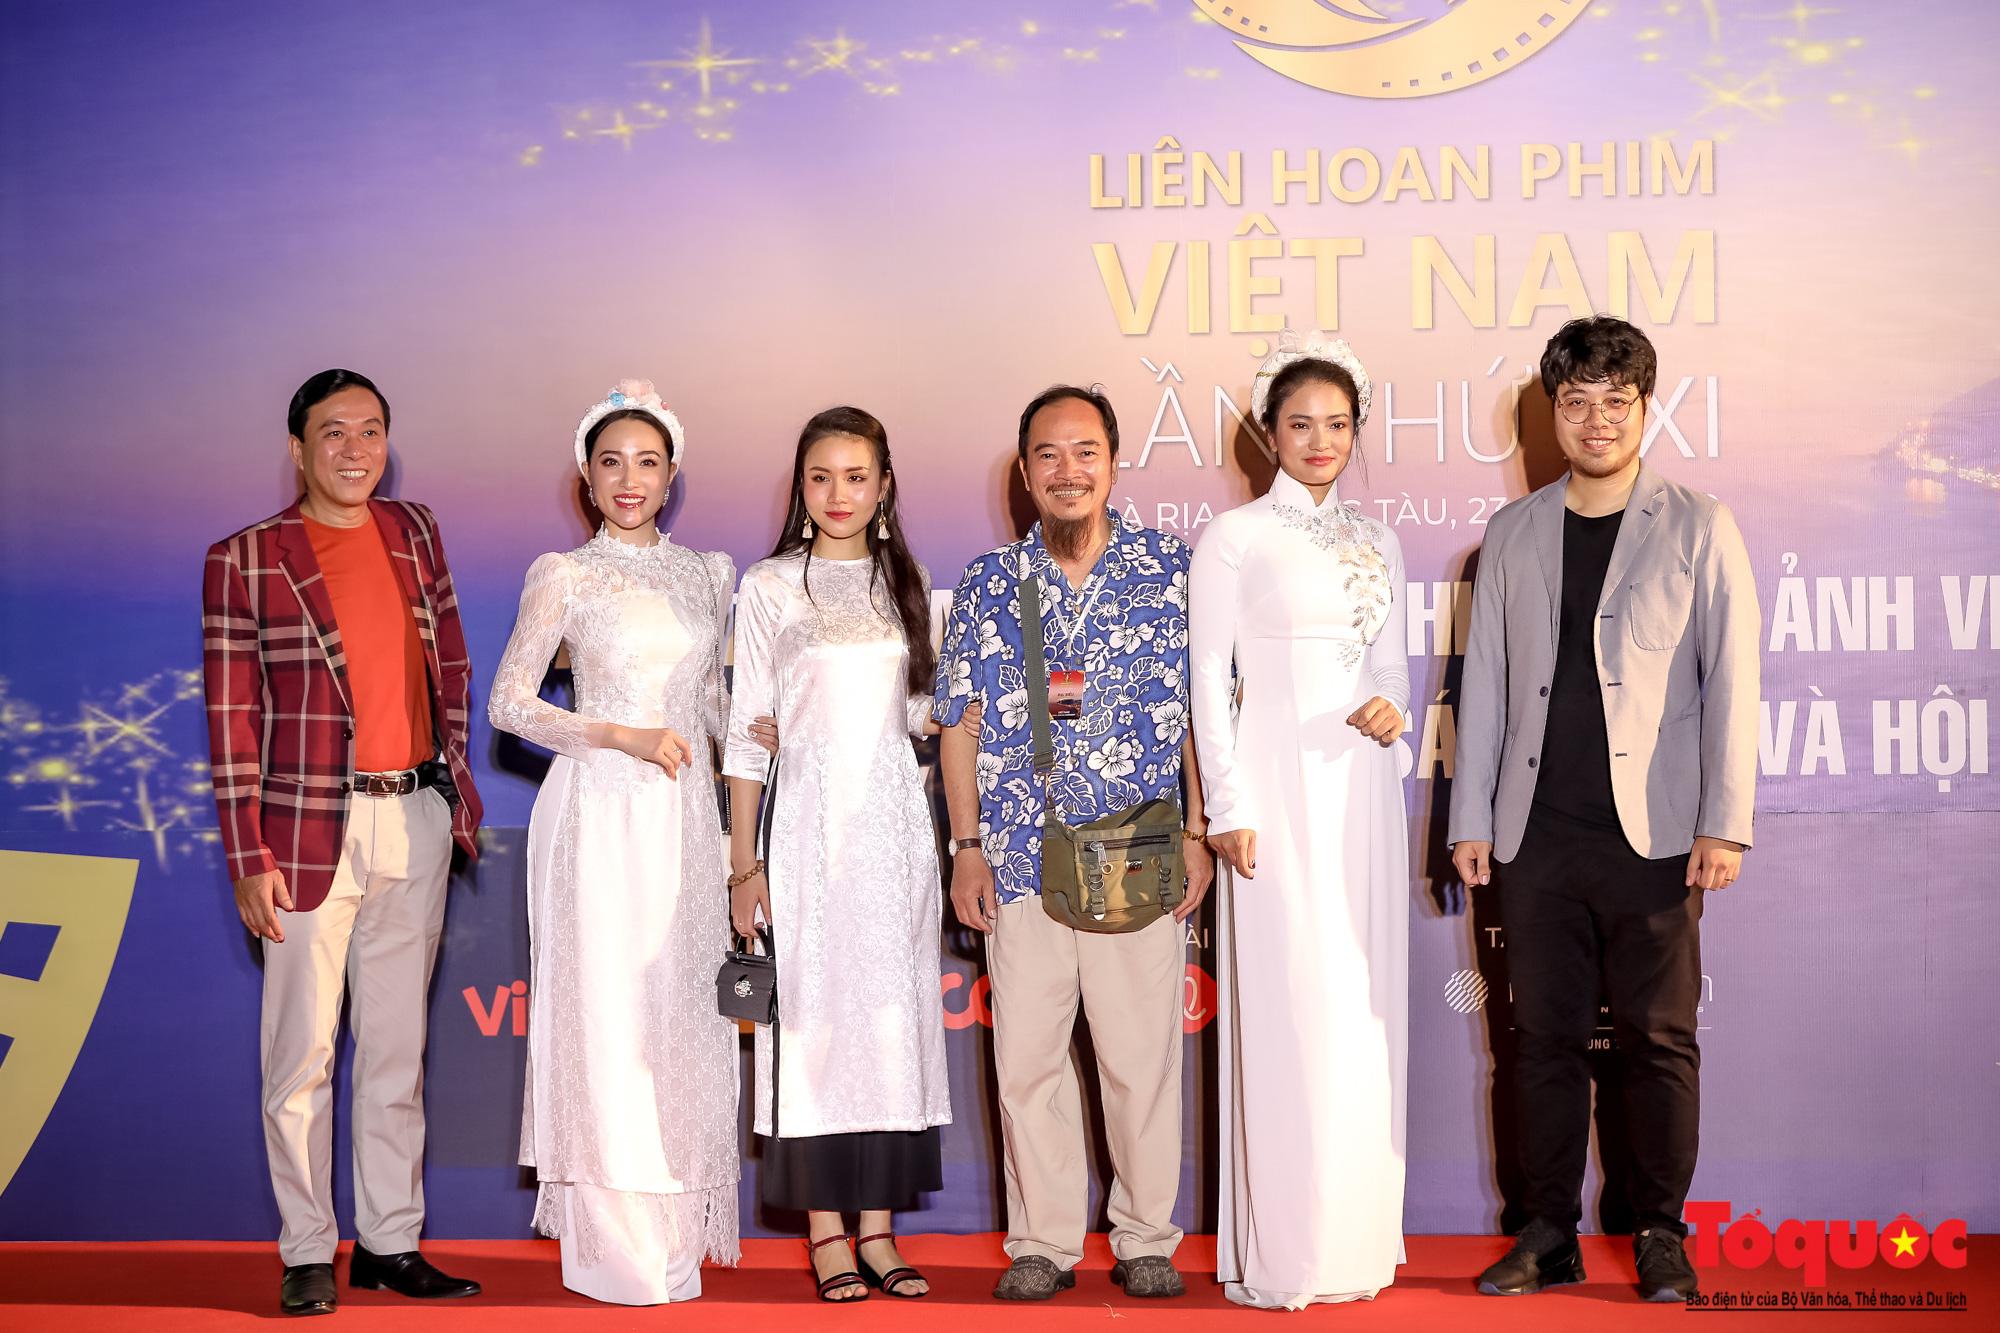 Nghê sỹ Việt lộng lẫy trên thảm đỏ LHP Việt Nam lần thứ XXI - Ảnh 4.